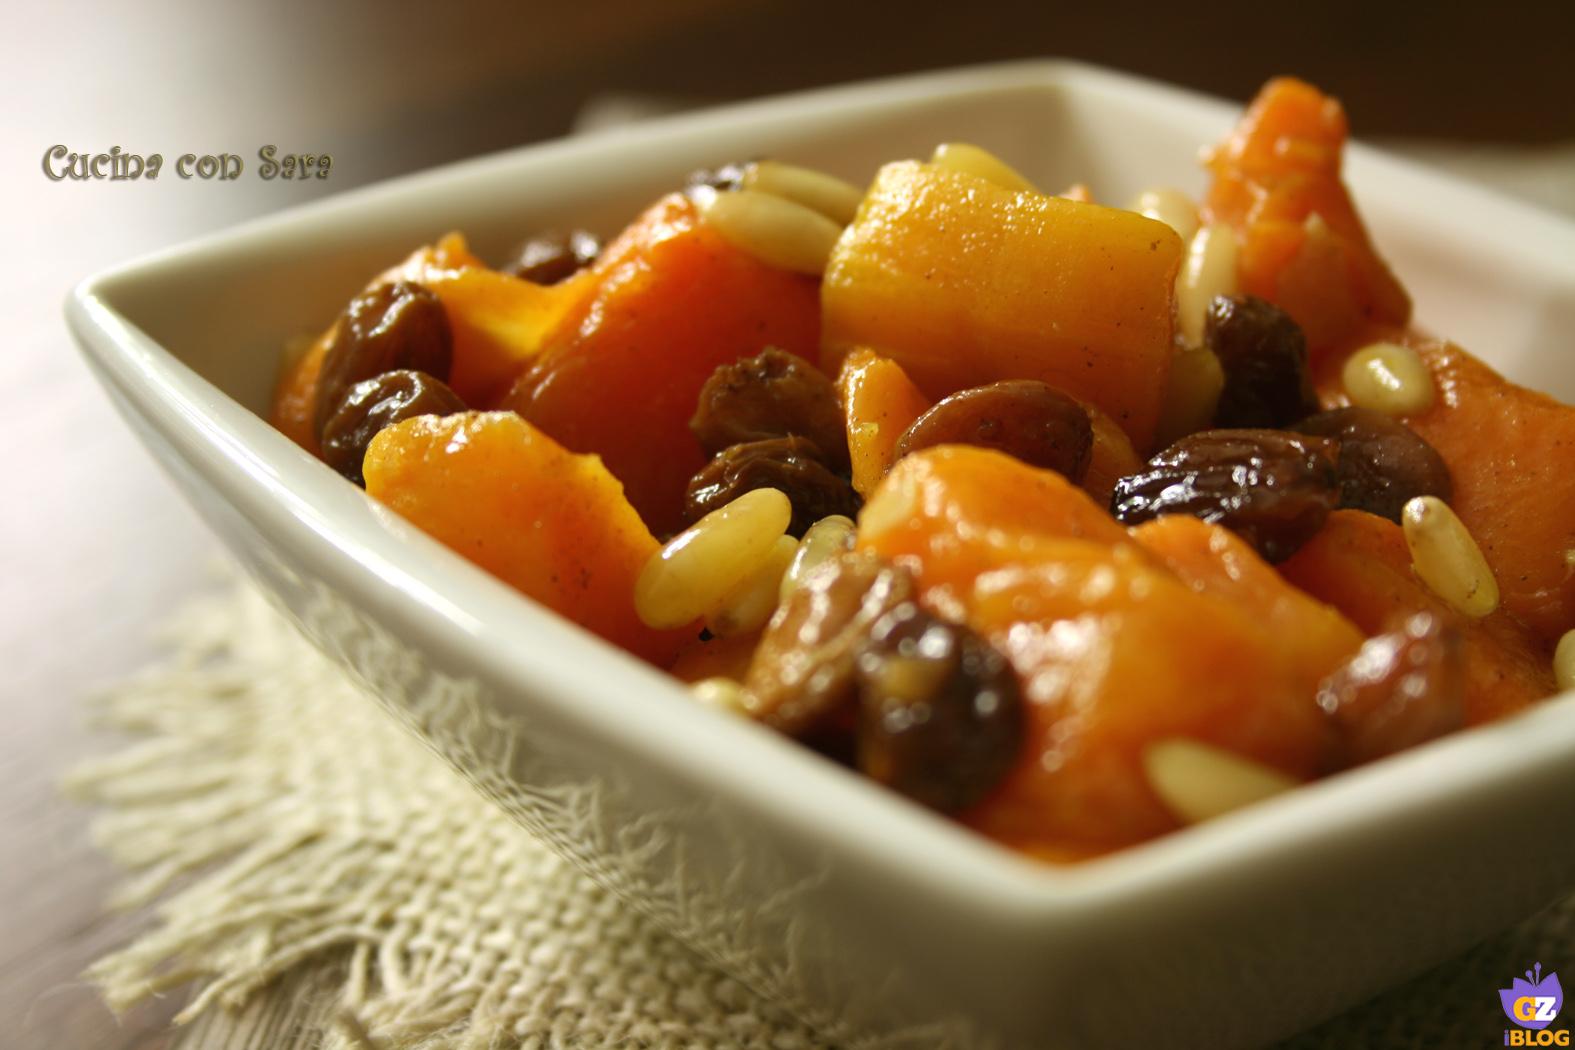 Ricetta zucca con pinoli e uvetta, cucina con sara